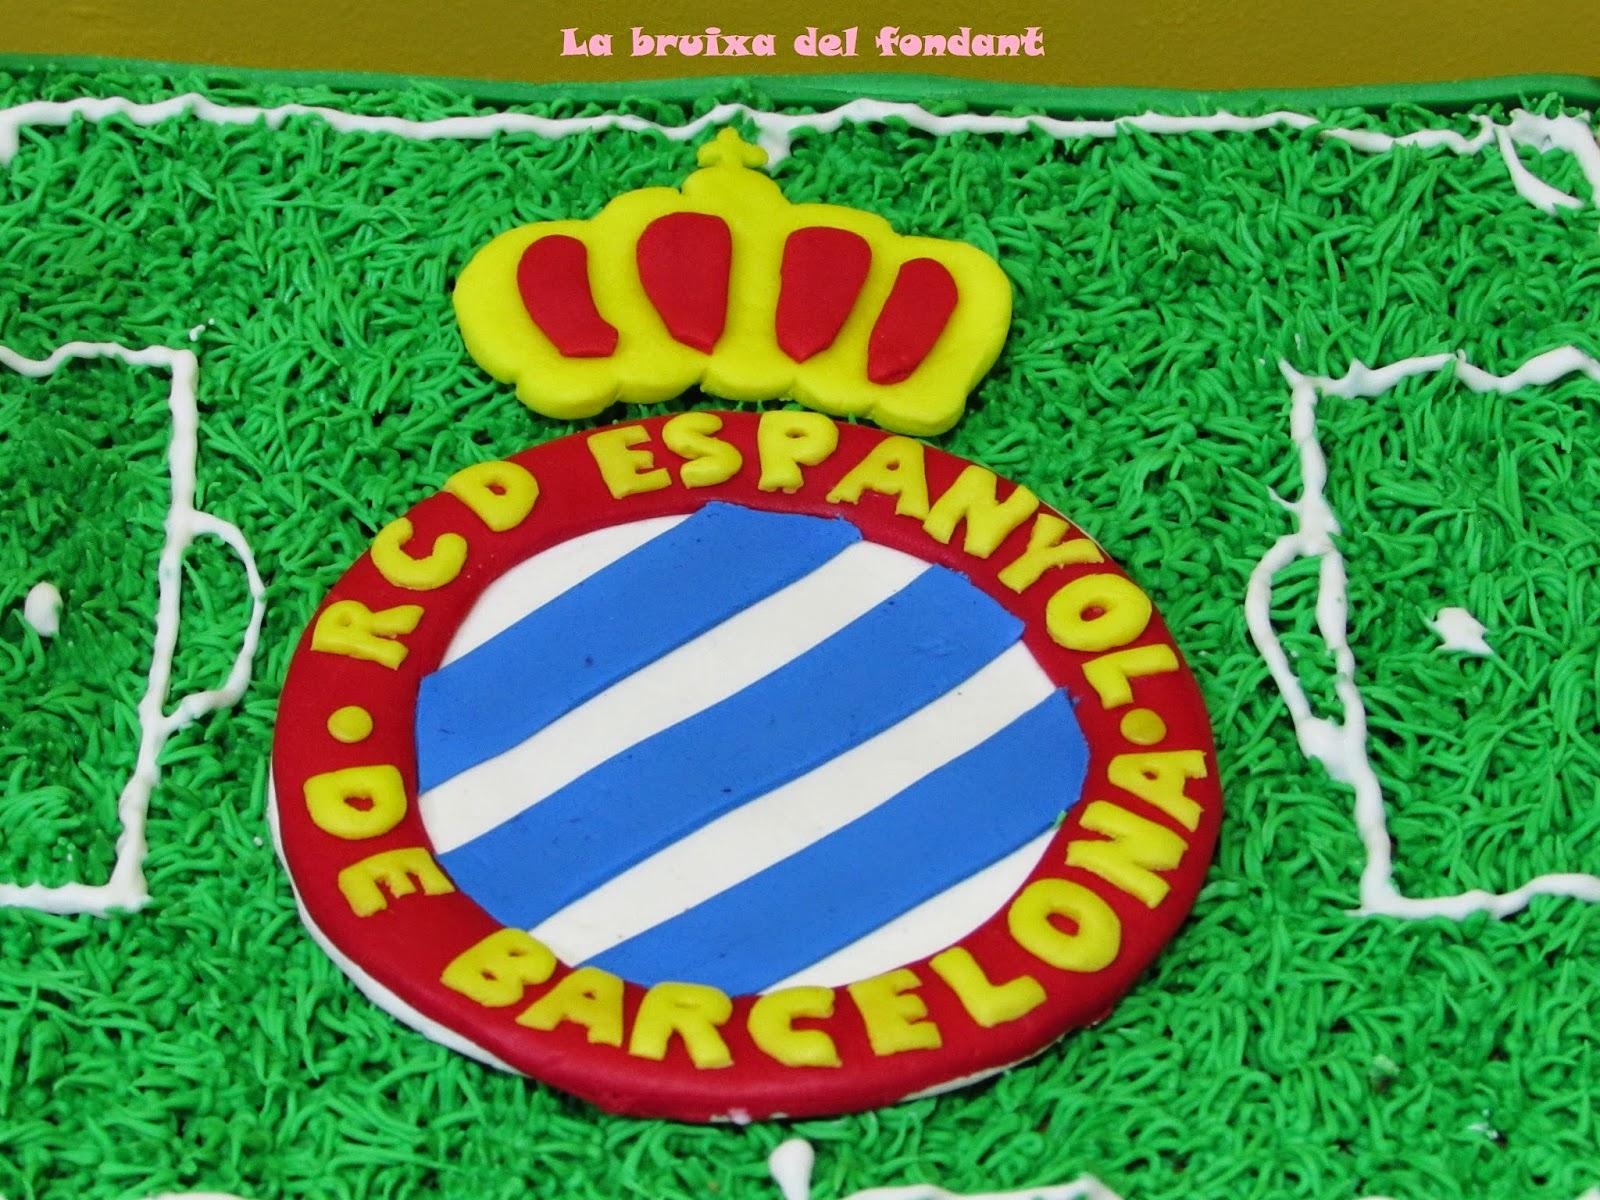 Escudo del Español